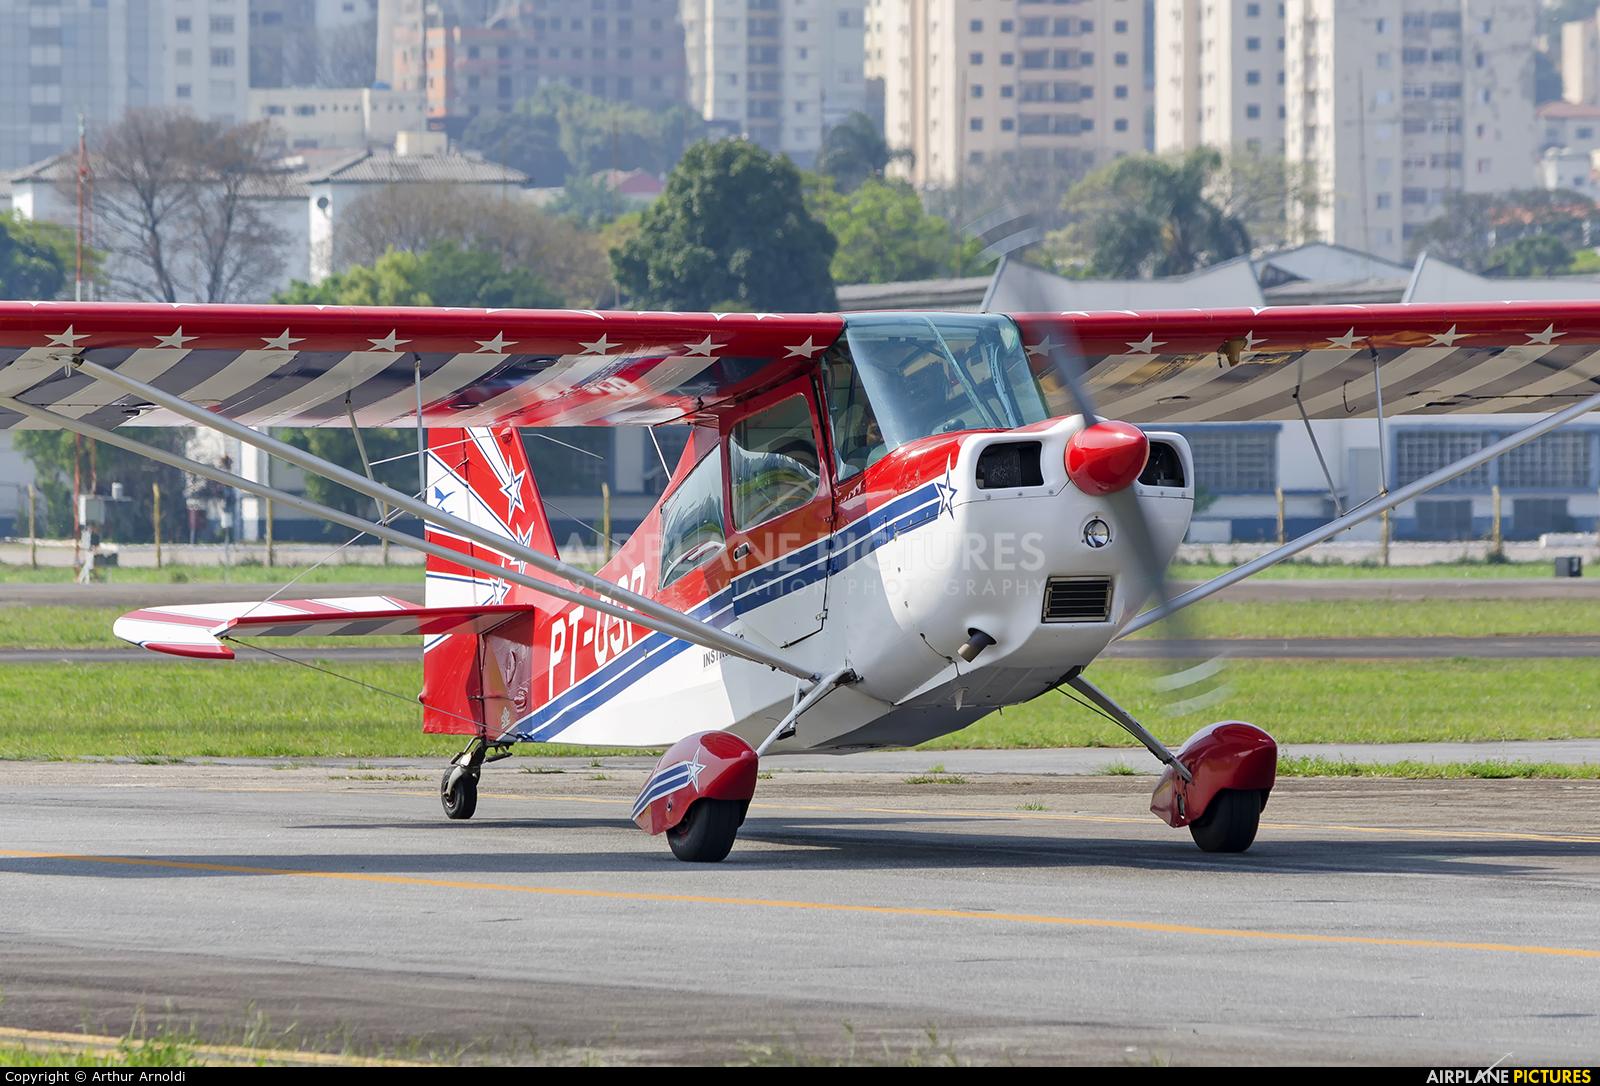 Aeroclube de São Paulo PT-OSP aircraft at São Paulo - Campo de Marte